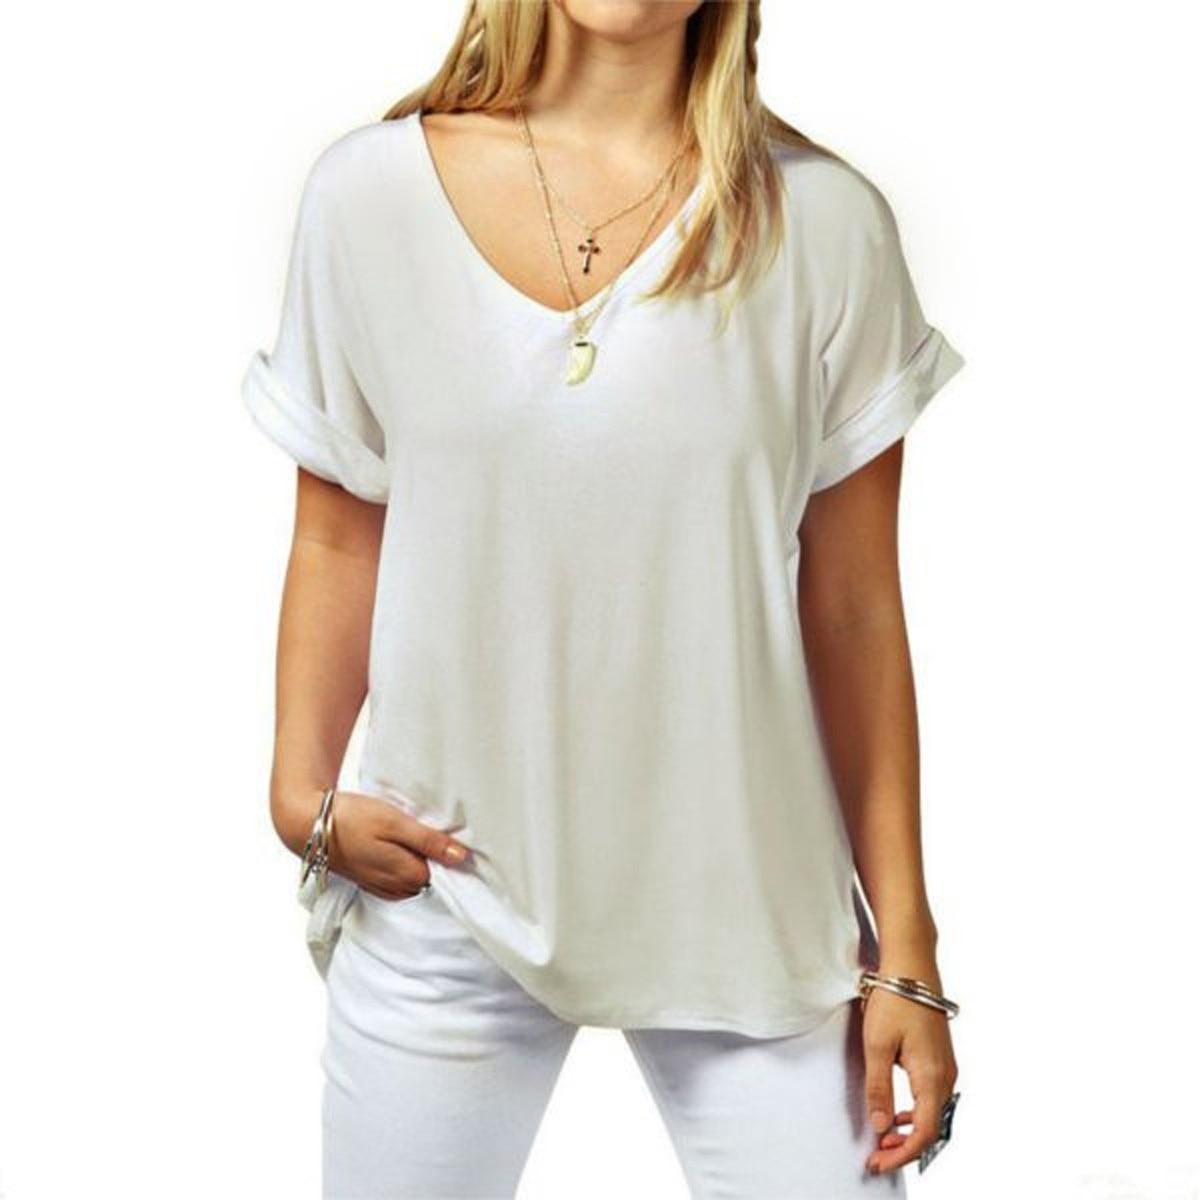 ZanZEA Blusas 2018 אופנה סקסי V צווארון קצר חולצת נשים חולצות רופף חולצה מוצק חולצה בתוספת גודל blusas camisas mujer S-5XL